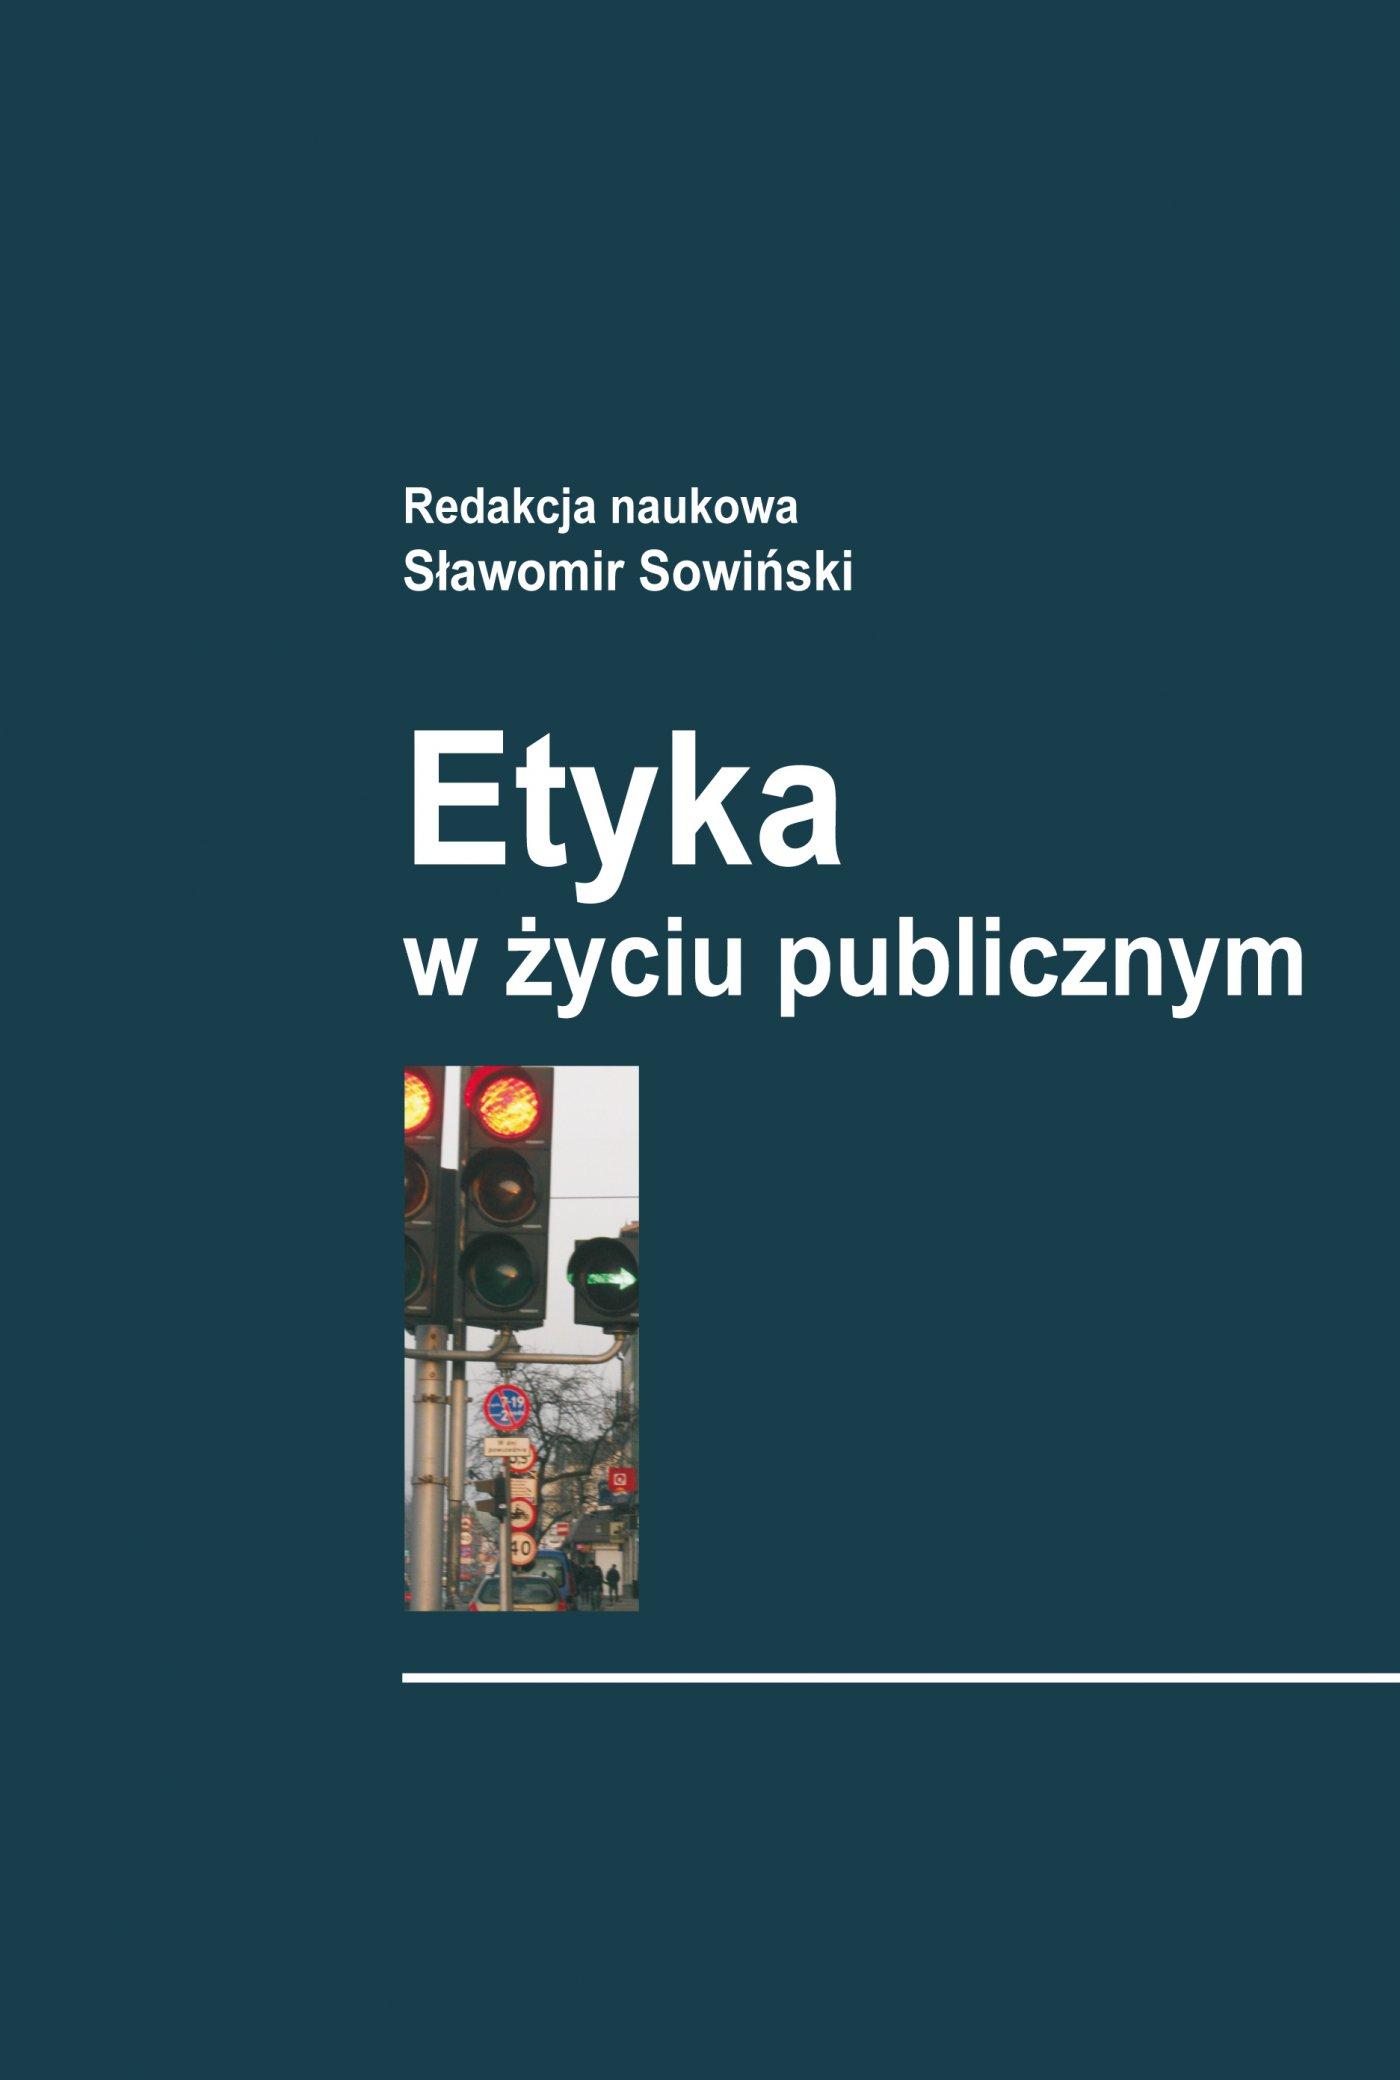 Etyka w życiu publicznym - Ebook (Książka PDF) do pobrania w formacie PDF